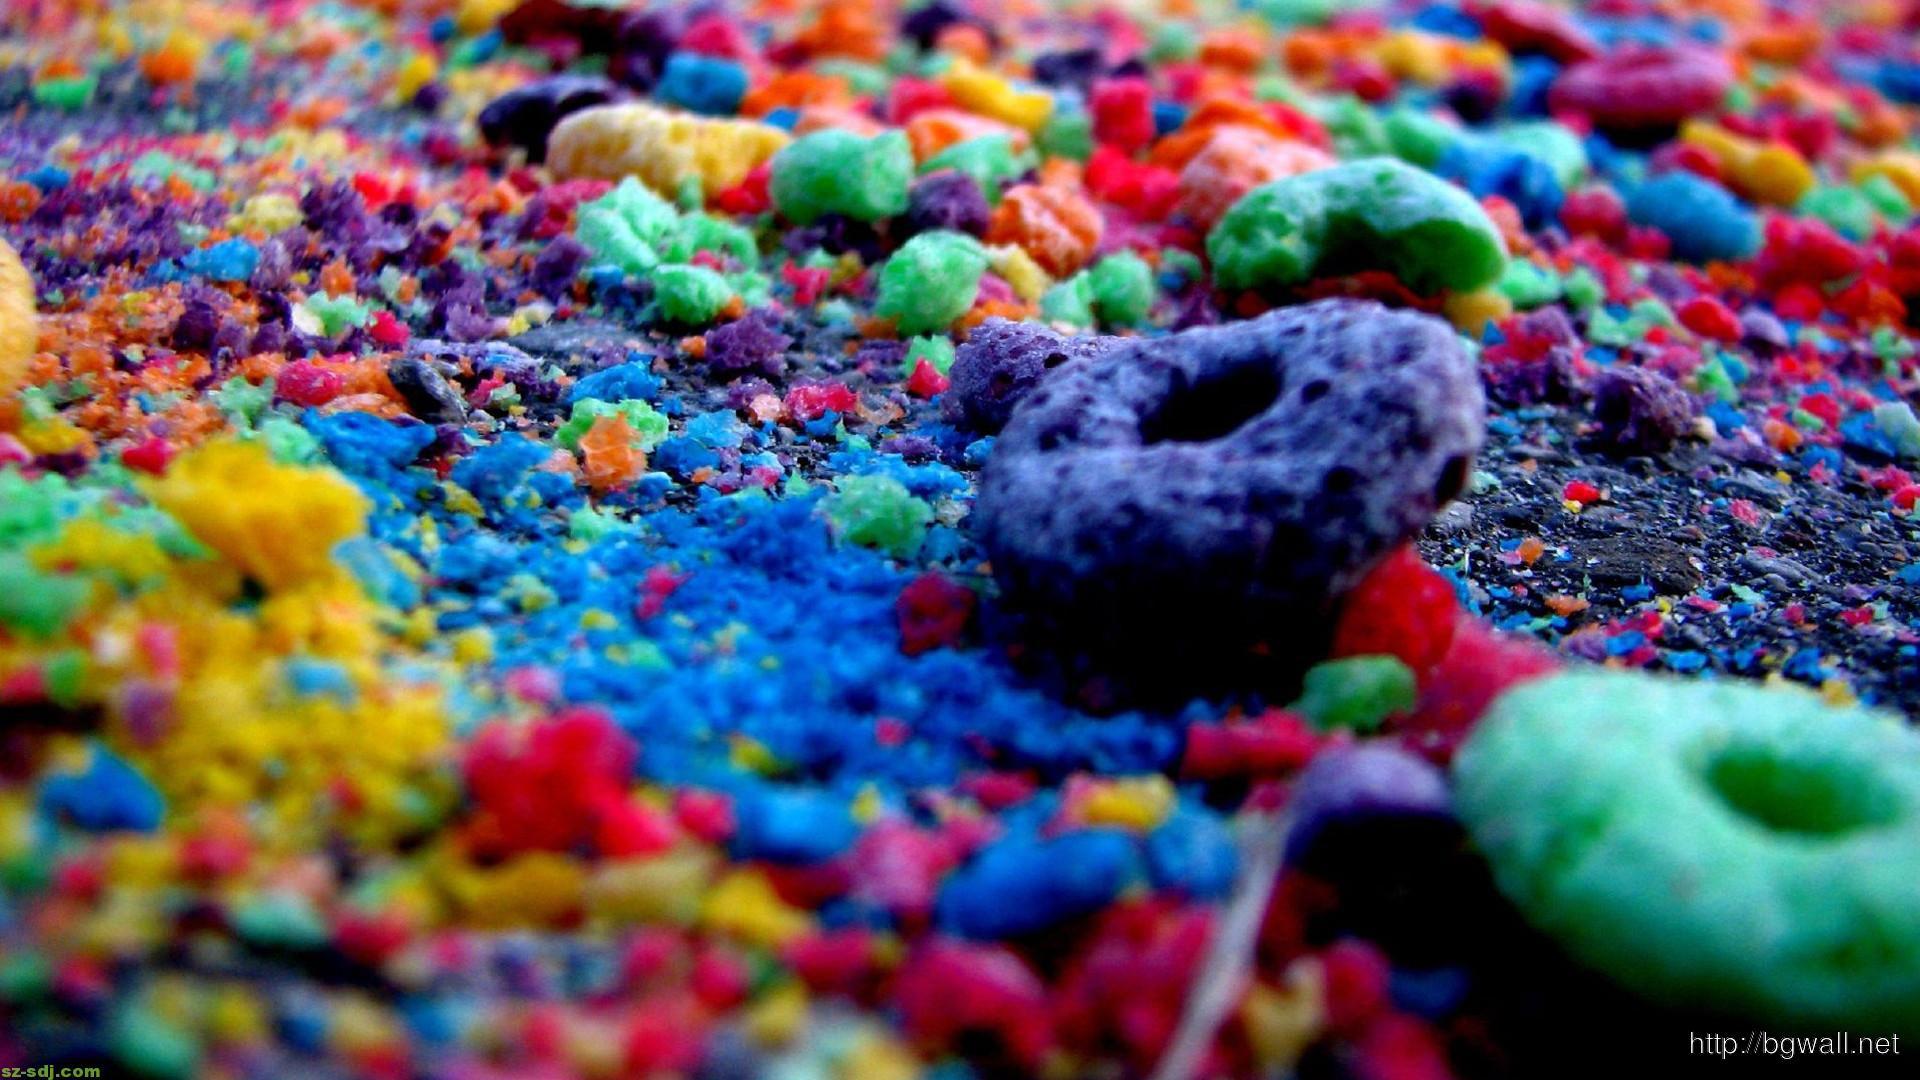 colorful-cereal-macro-wallpaper-hd